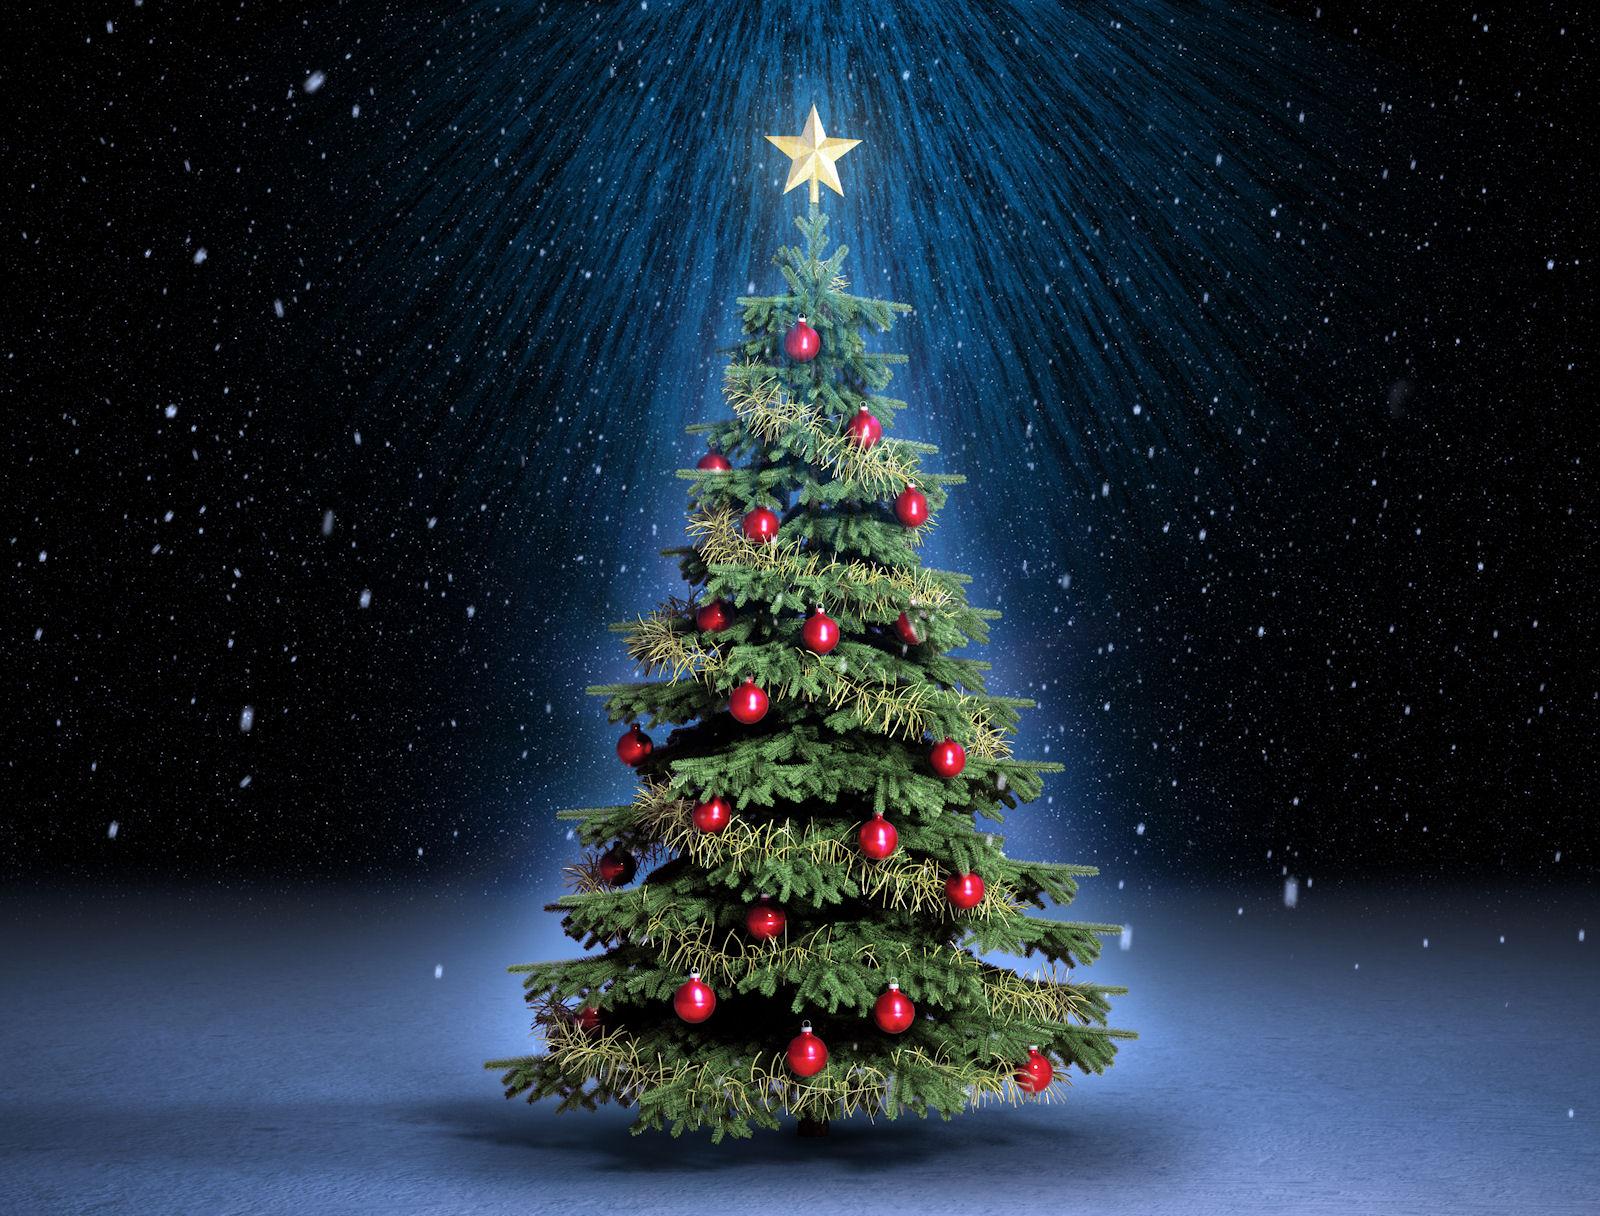 El ayuntamiento de bu ol invita a los vecinos a decorar el - Arbol de navidad fotos ...